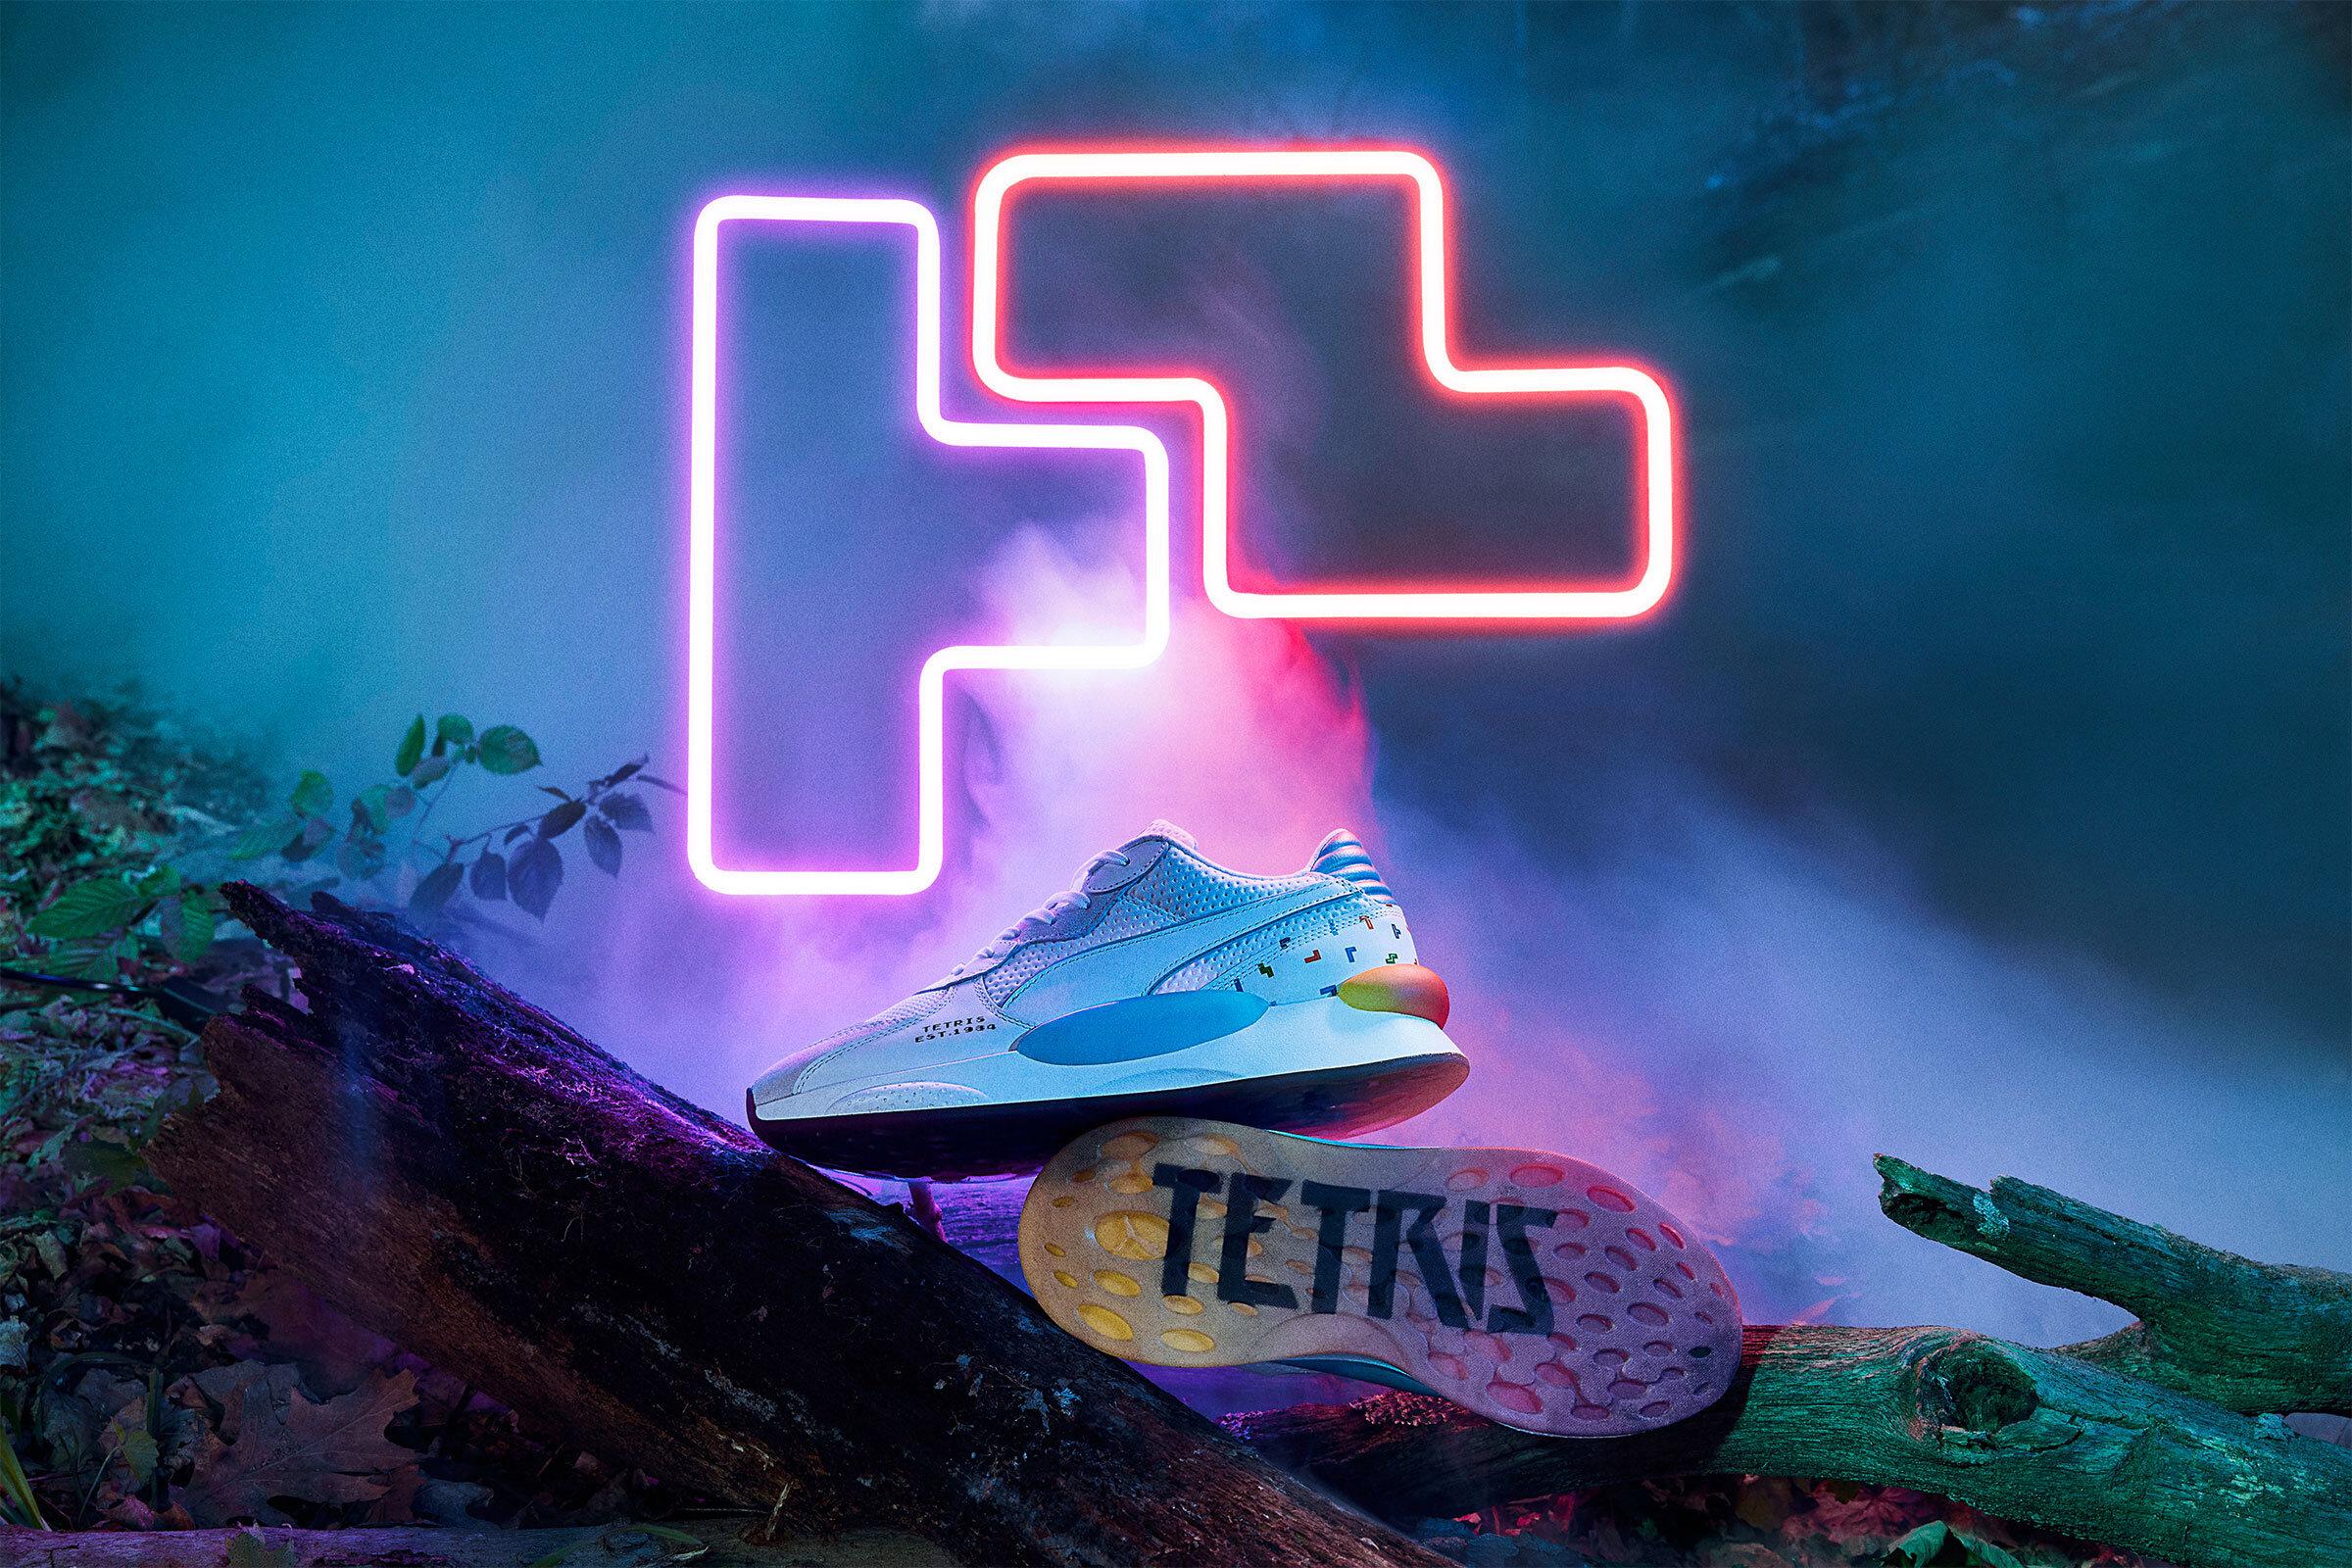 Puma x Tetris campaign